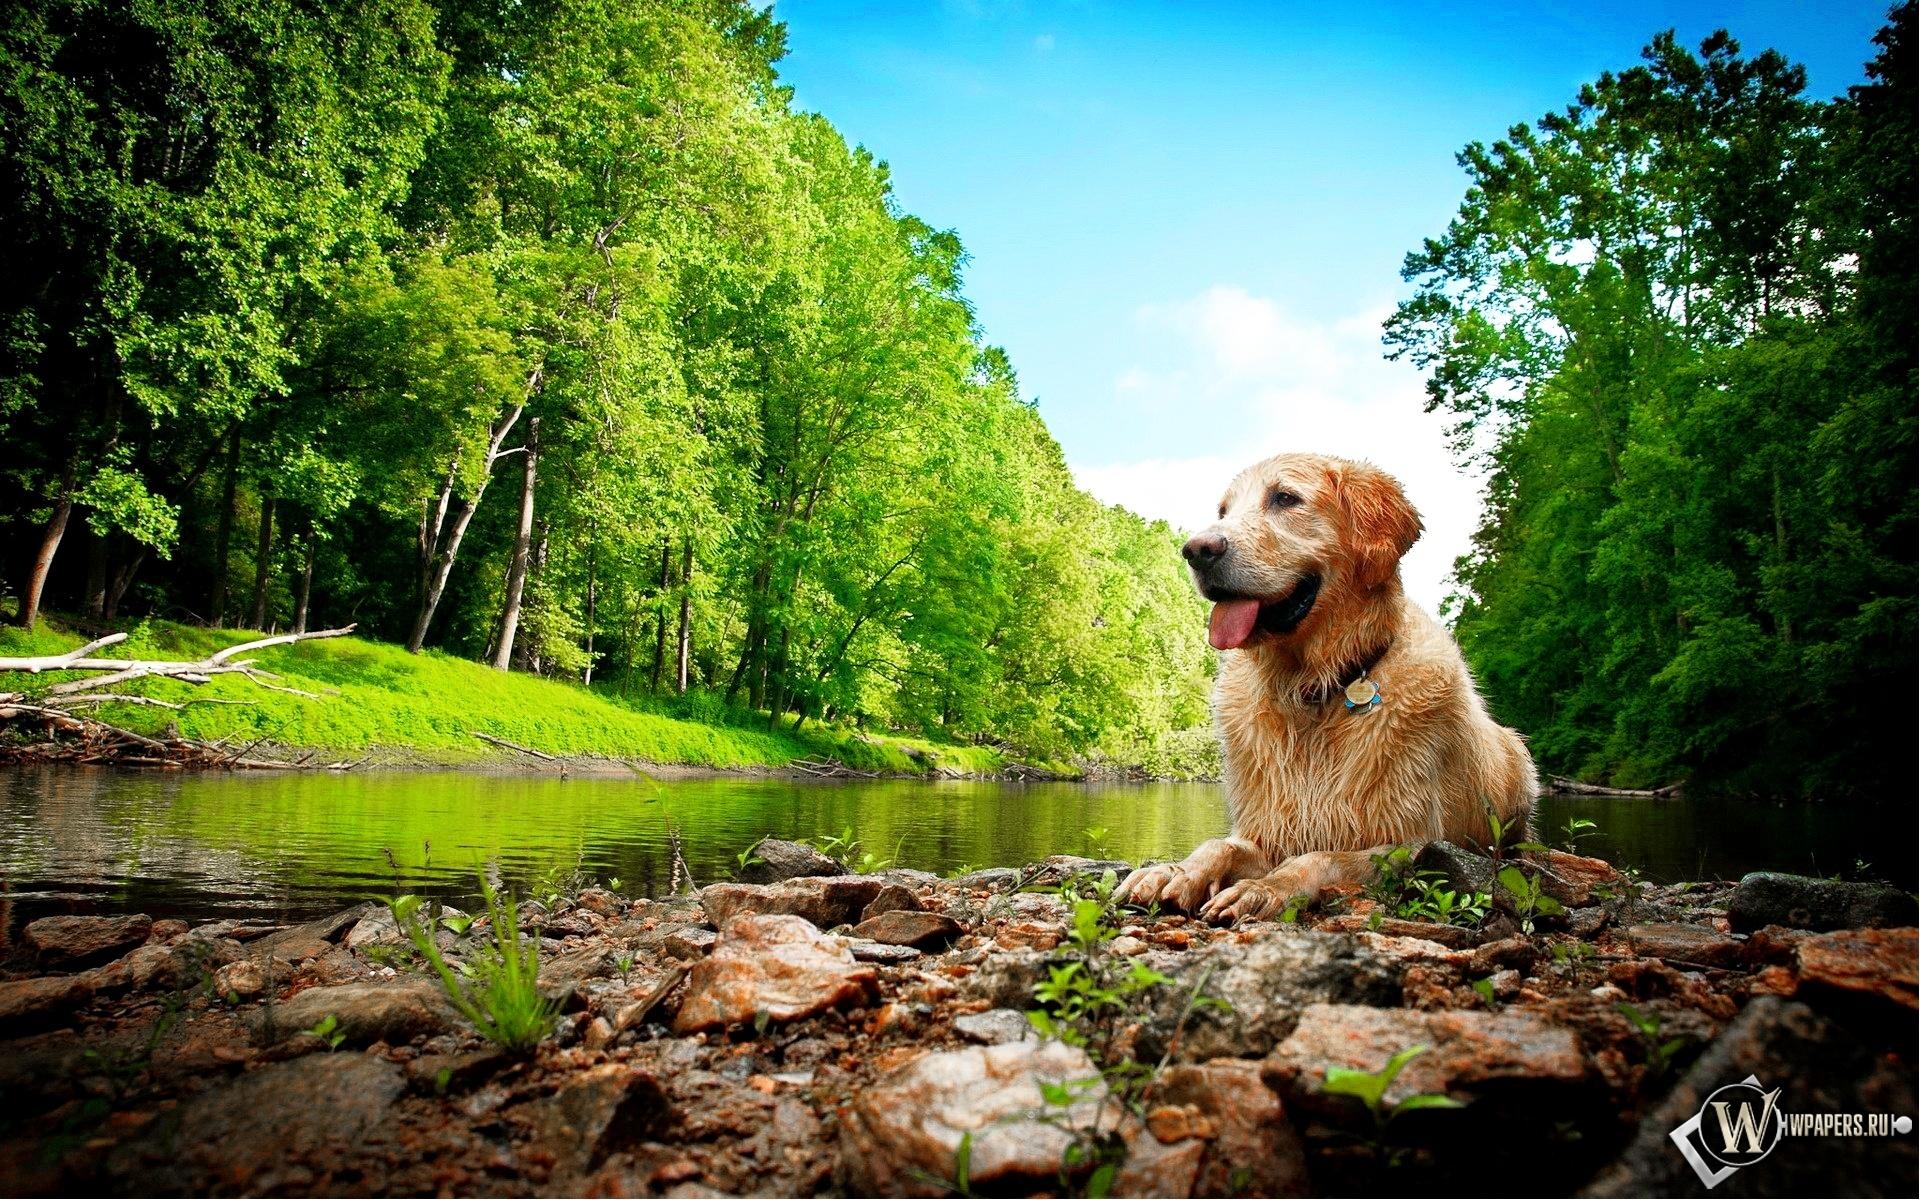 Собака на природе 1920x1200